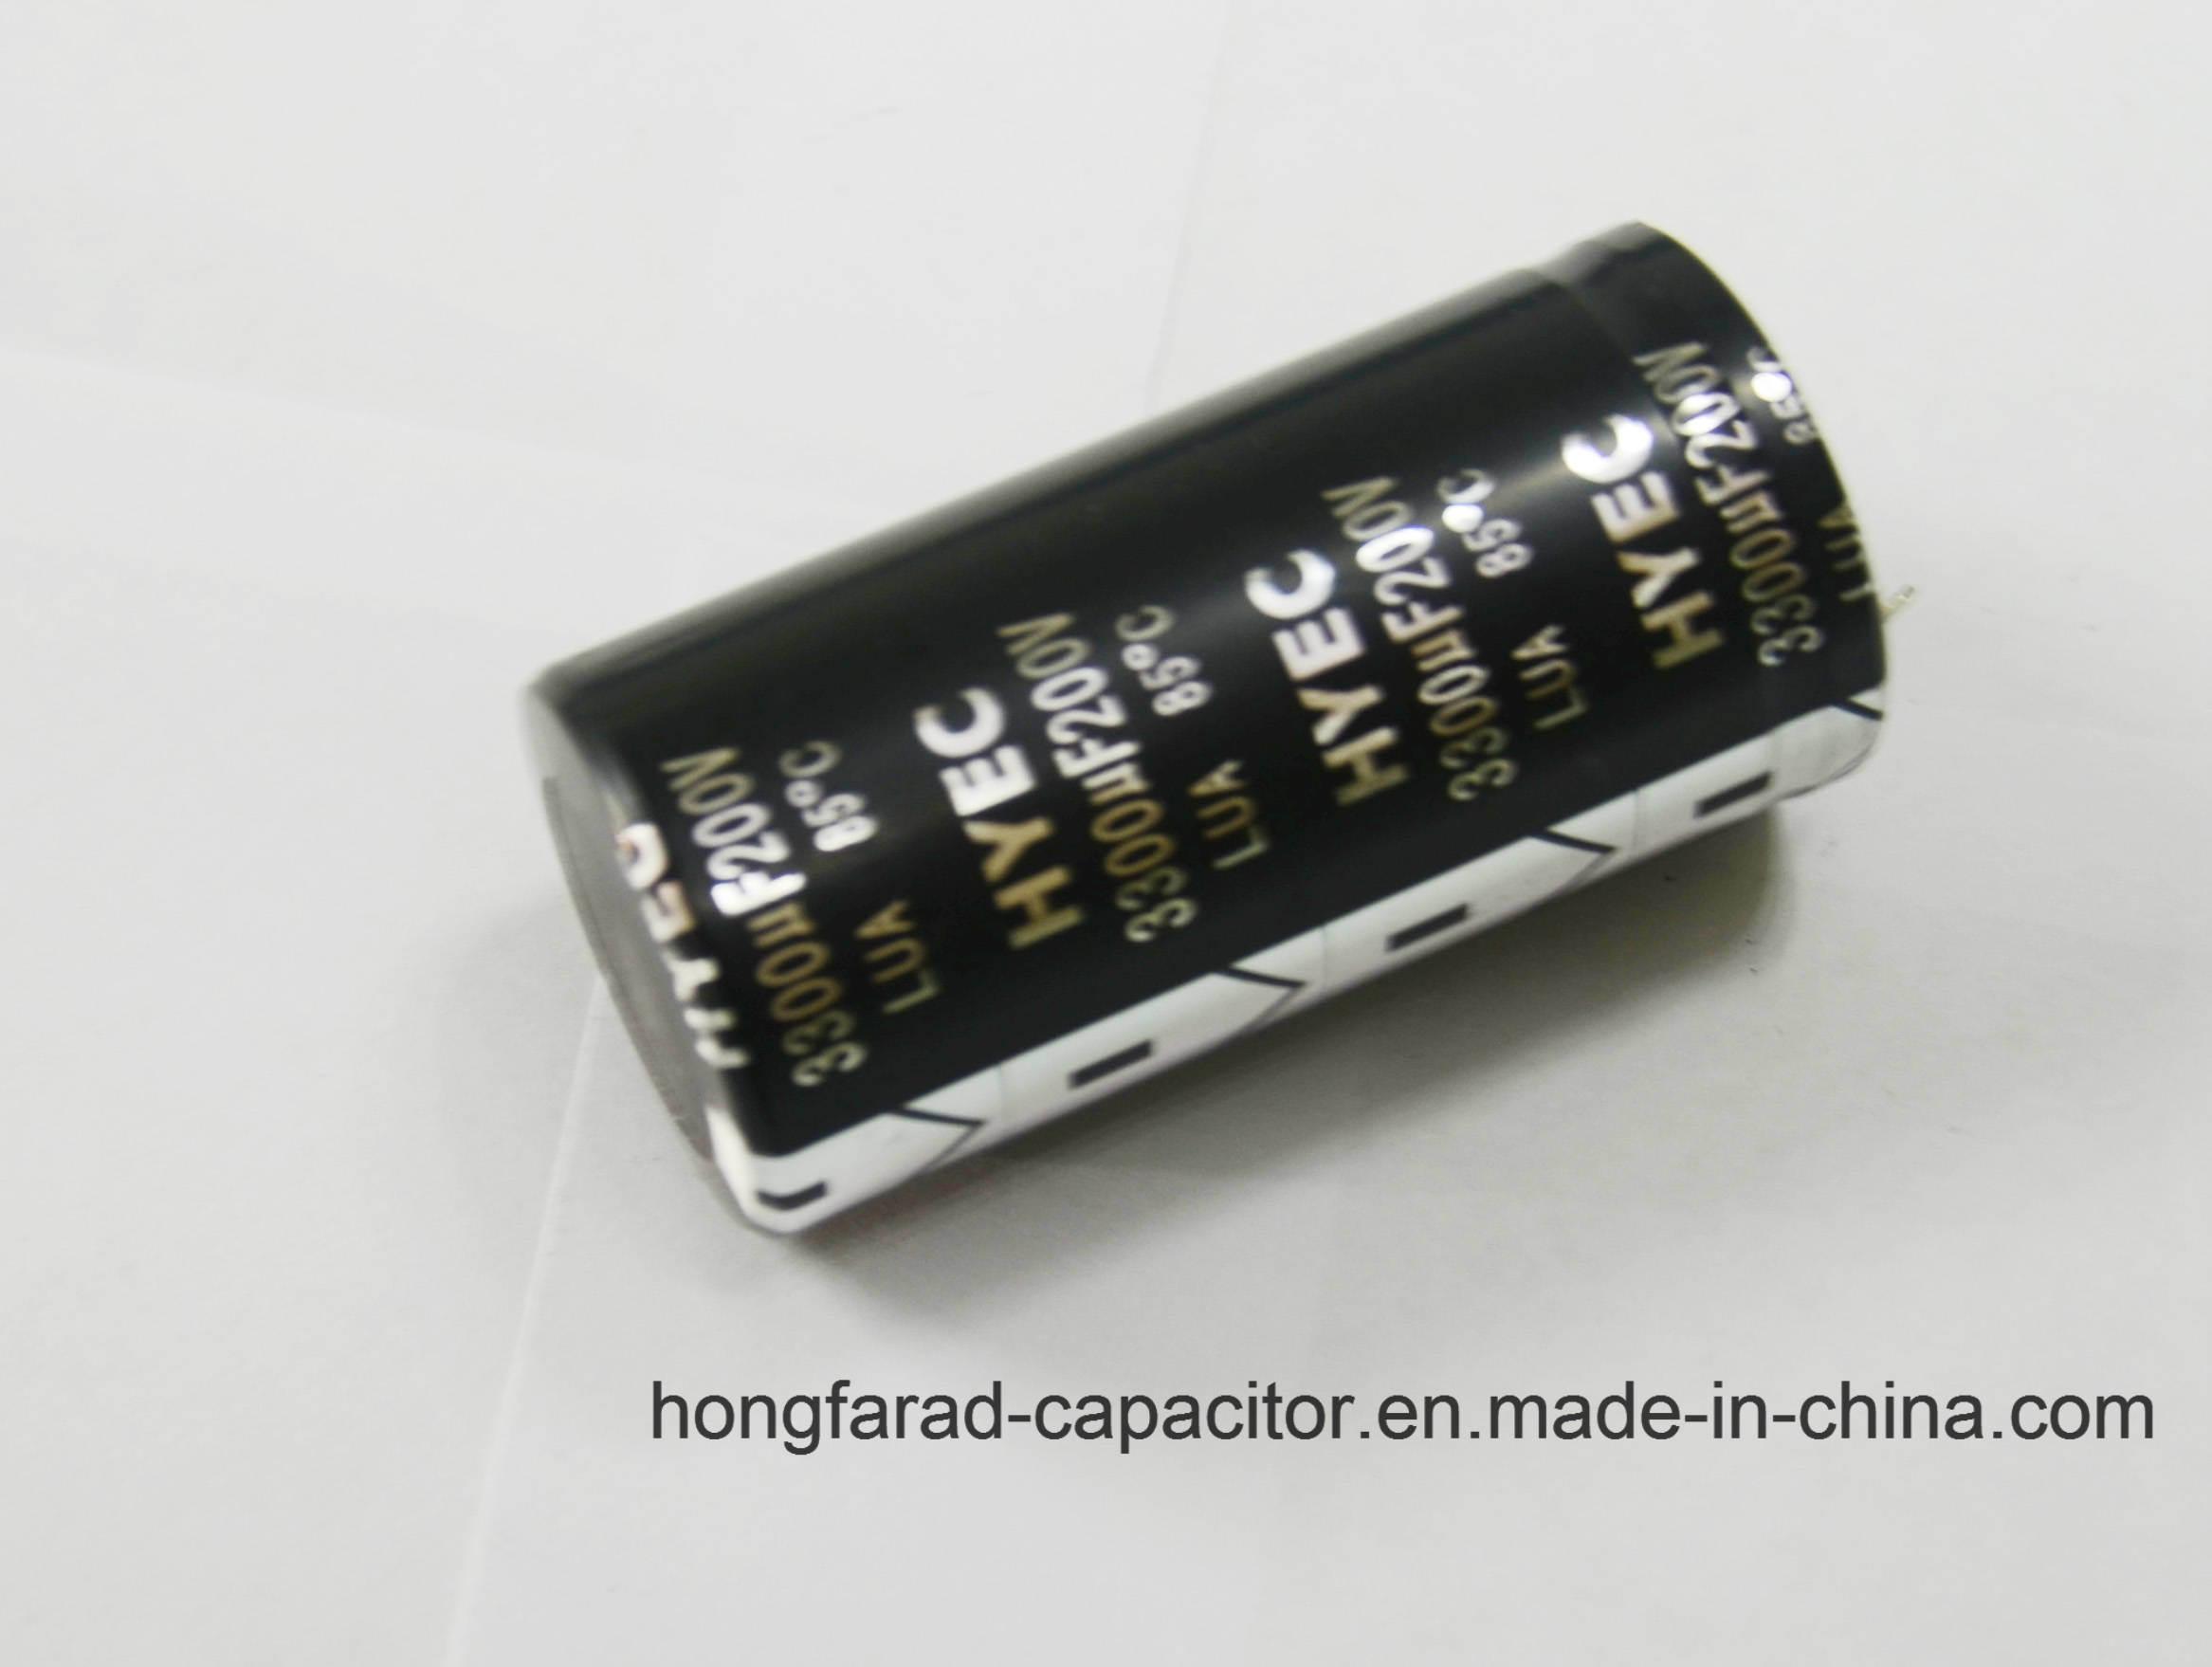 2000h 105c Lz Aluminum Electrolytic Capacitor for Aduio